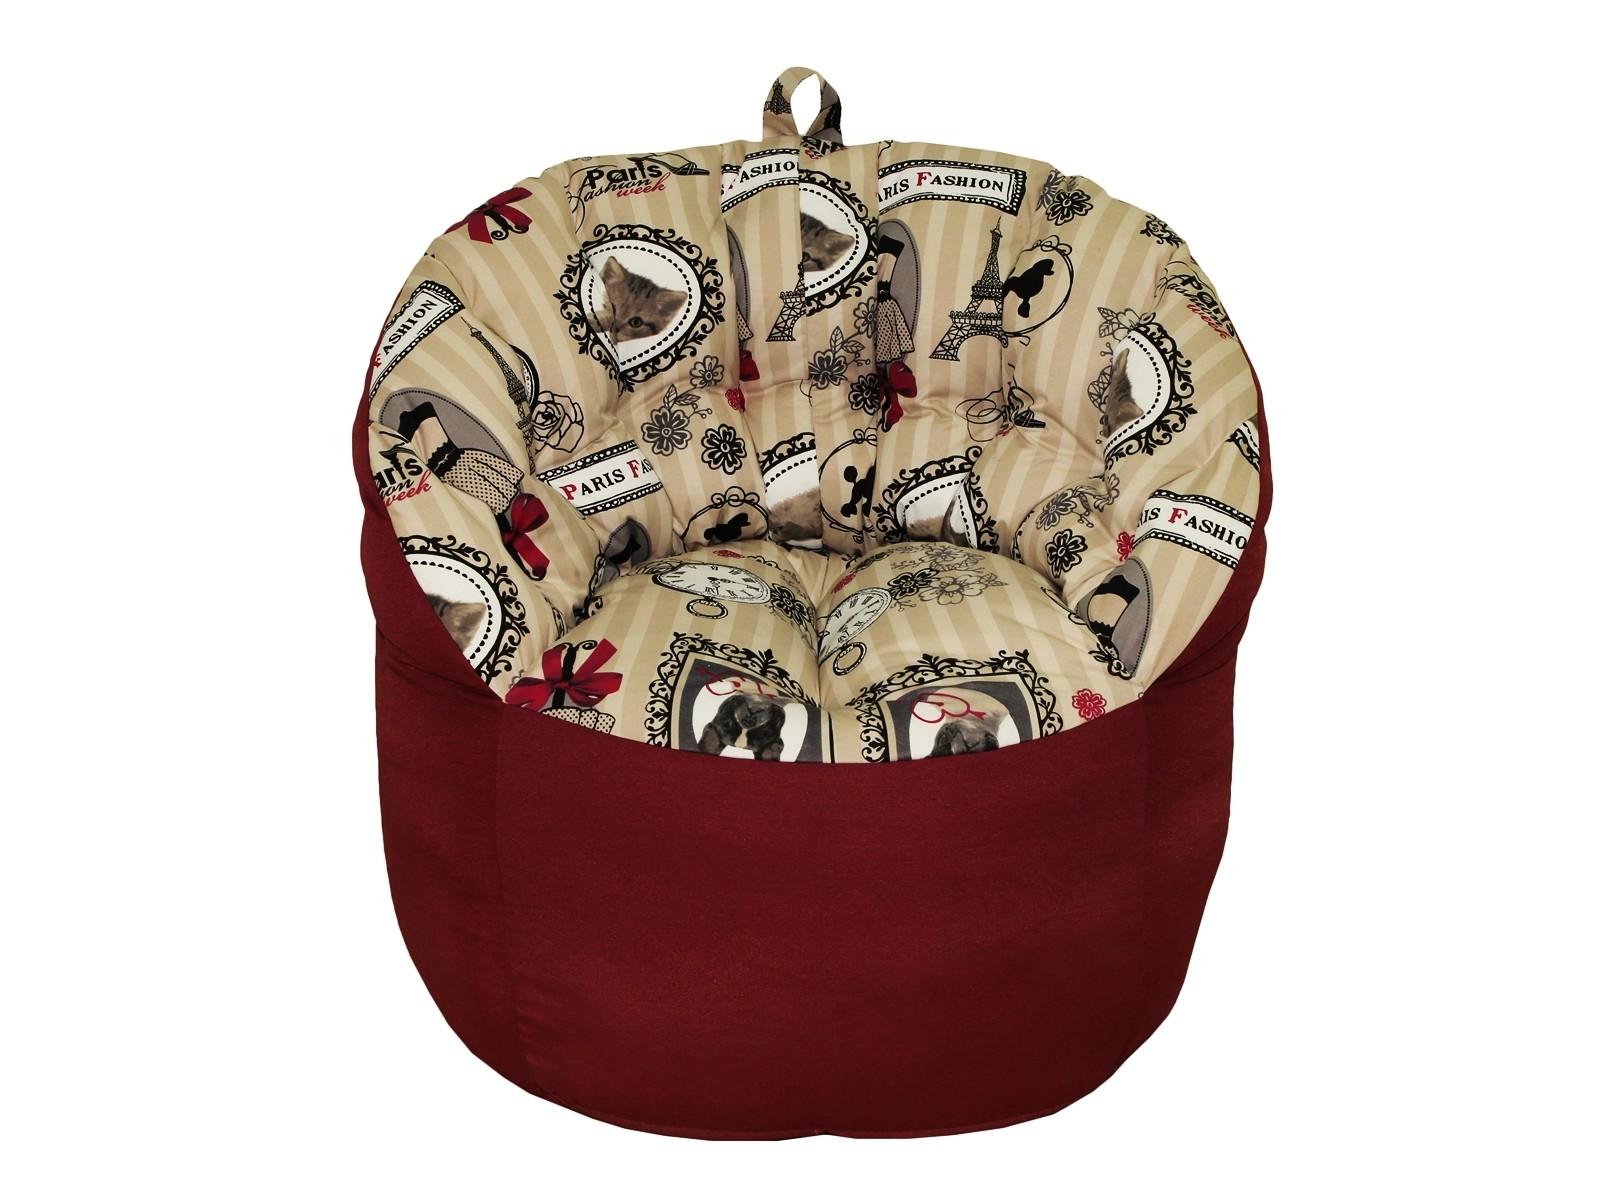 Кресло-пуф ФранцияКресла-мешки<br>Комфортное кресло-пуф станет неотъемлемой частью вашего дома. Спинка кресла держит форму и обеспечивает круговую поддержку для спины за счет особой системы пошива. Кресло имеет 2 независимых отсека для наполнителя. Эксклюзивная   ткань разбавит ваш интерьер яркими красками.<br><br>Material: Хлопок<br>Width см: 85<br>Depth см: 79<br>Height см: 91